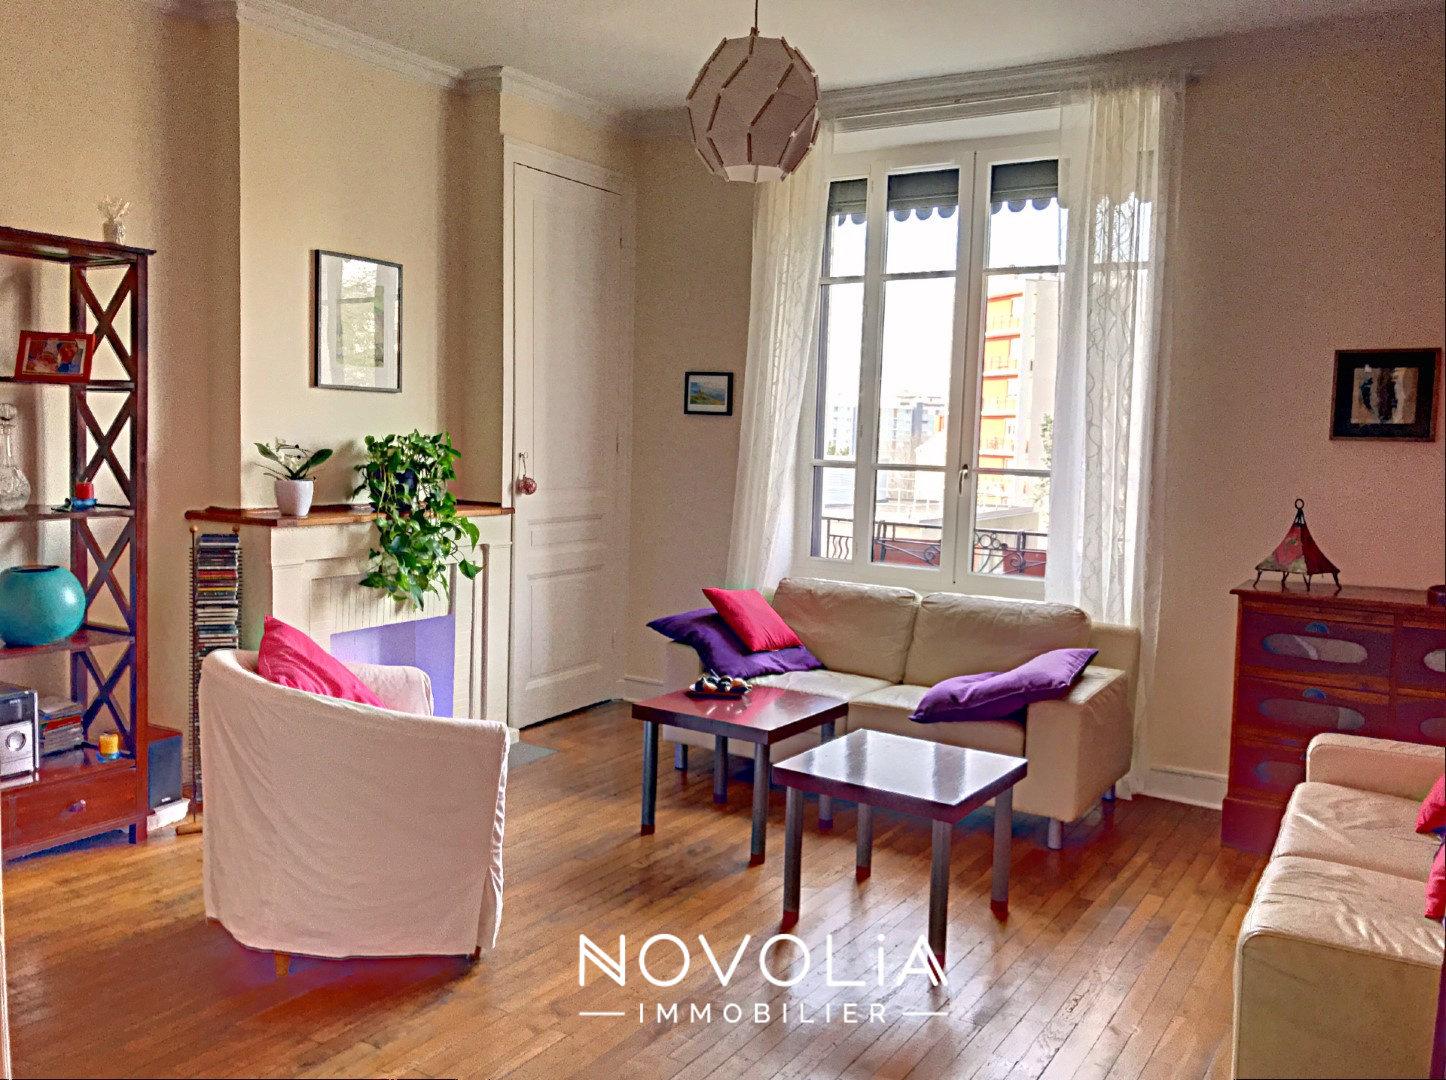 Achat Appartement Surface de 74.1 m²/ Total carrez : 74.1 m², 3 pièces, Villeurbanne (69100)